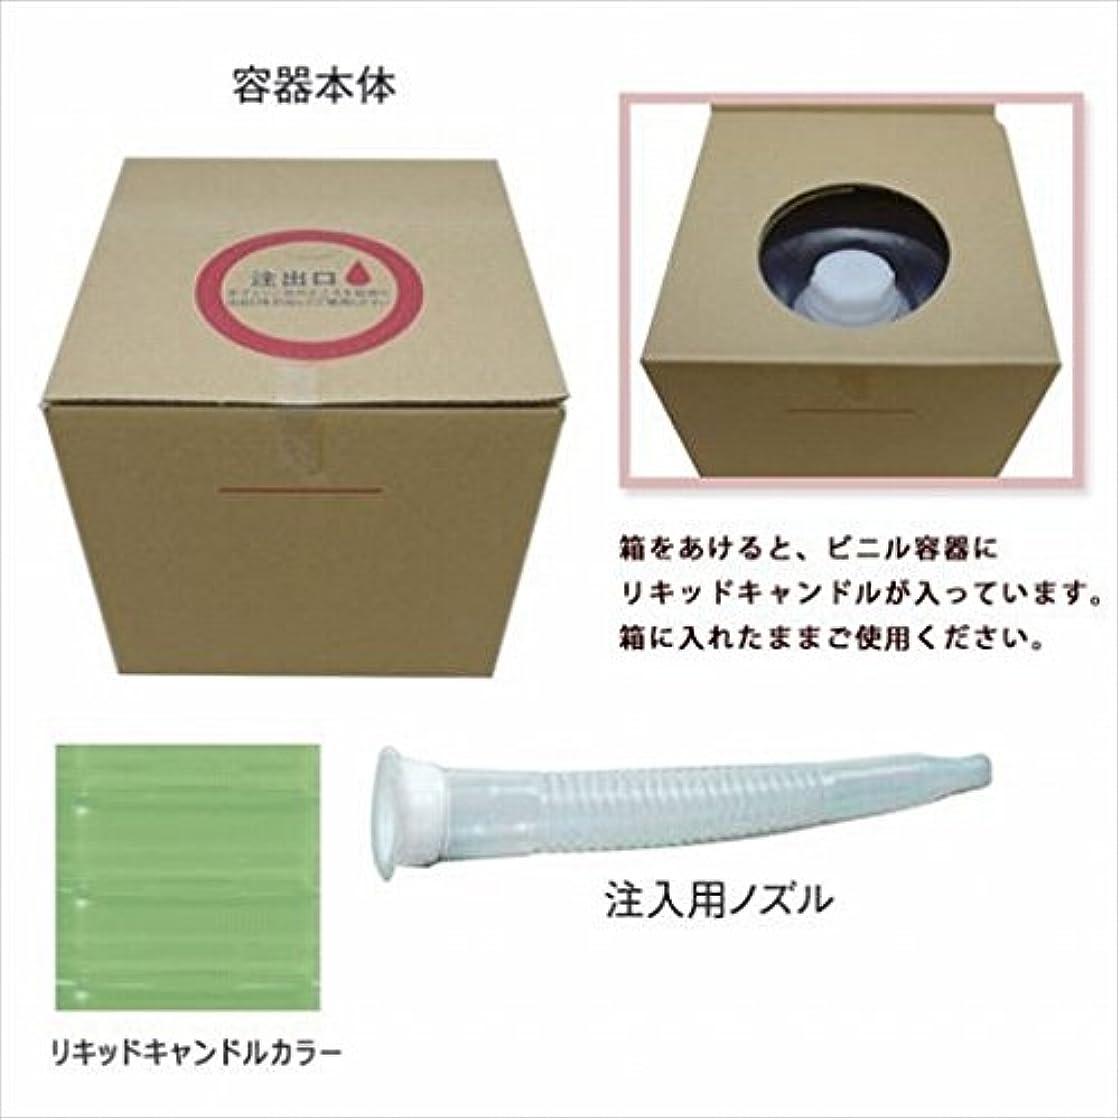 テンション履歴書トラクターカメヤマキャンドル(kameyama candle) リキッドキャンドル5リットル 「 ライトグリーン 」